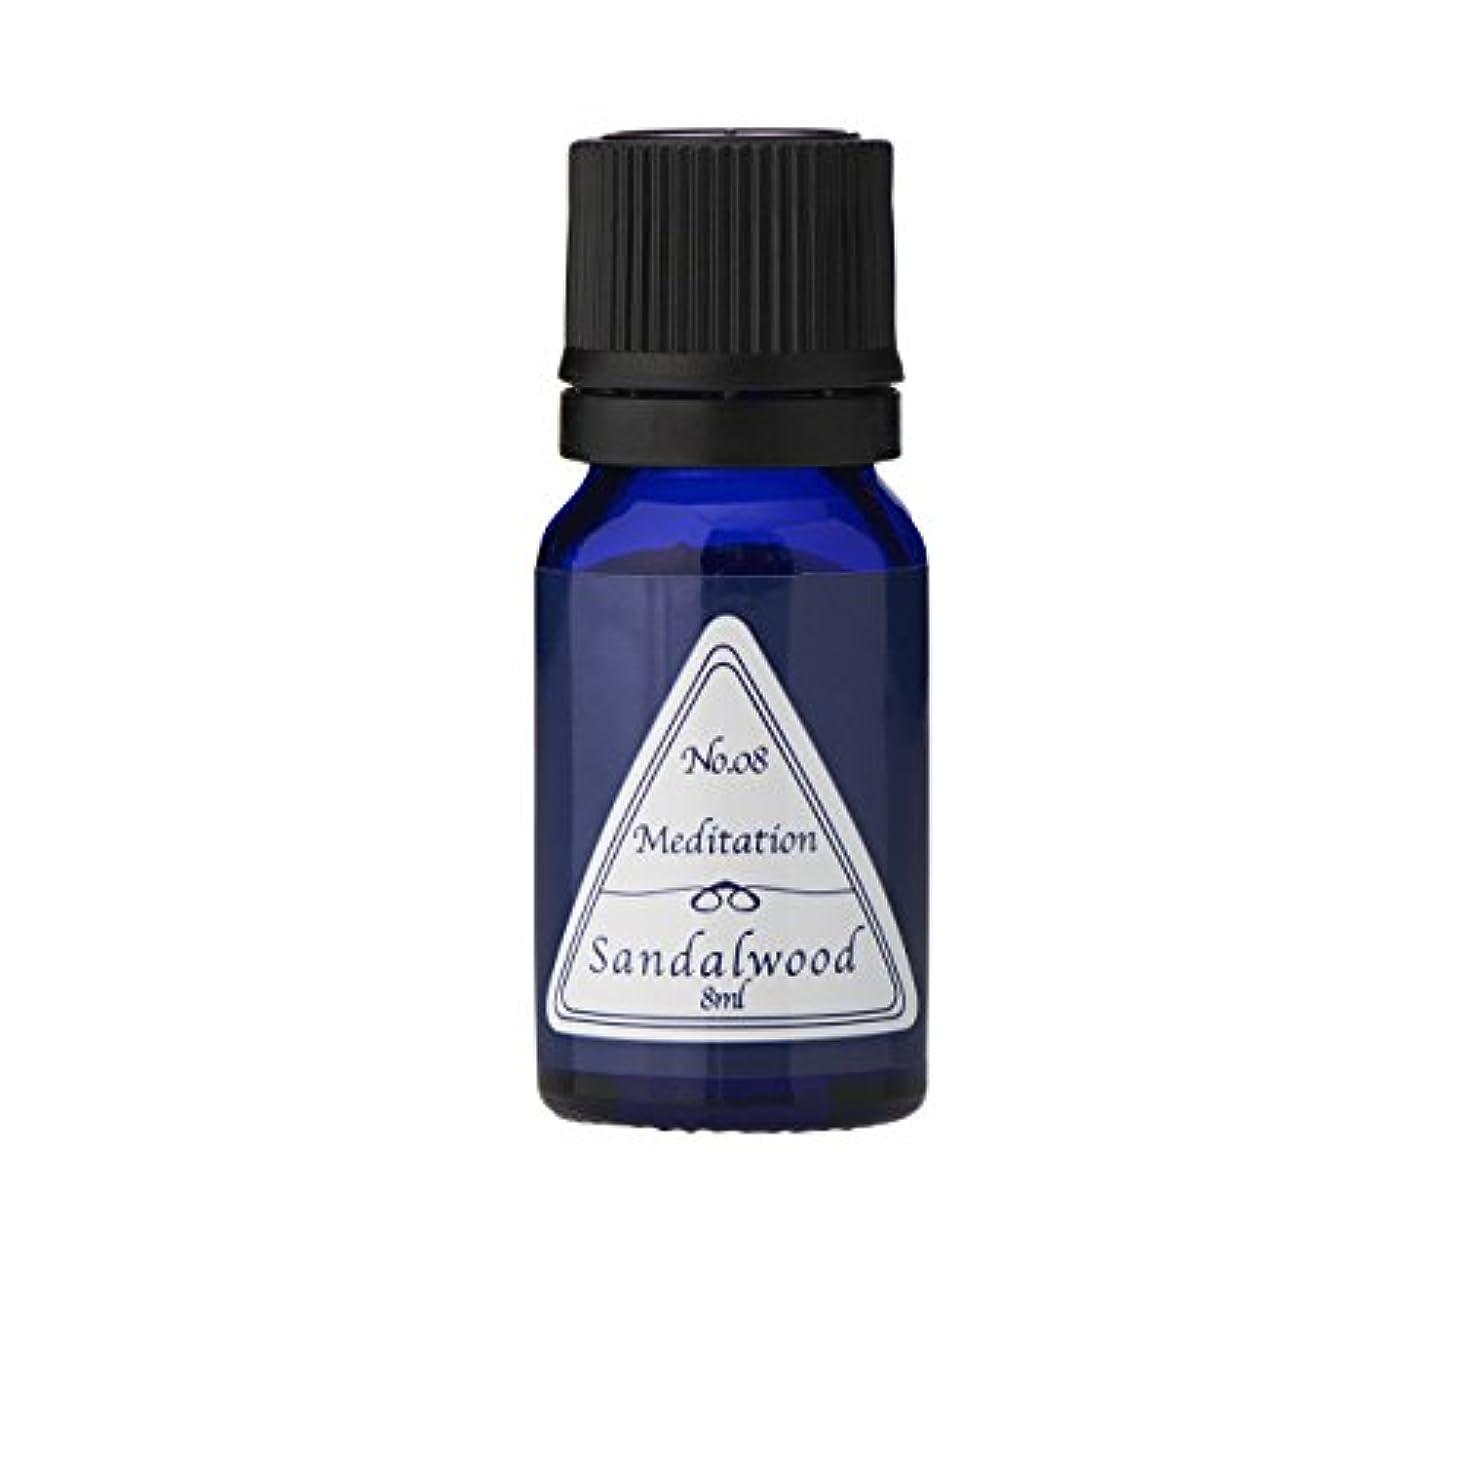 致命的太字主張するブルーラベル アロマエッセンス8ml サンダルウッド(アロマオイル 調合香料 芳香用)